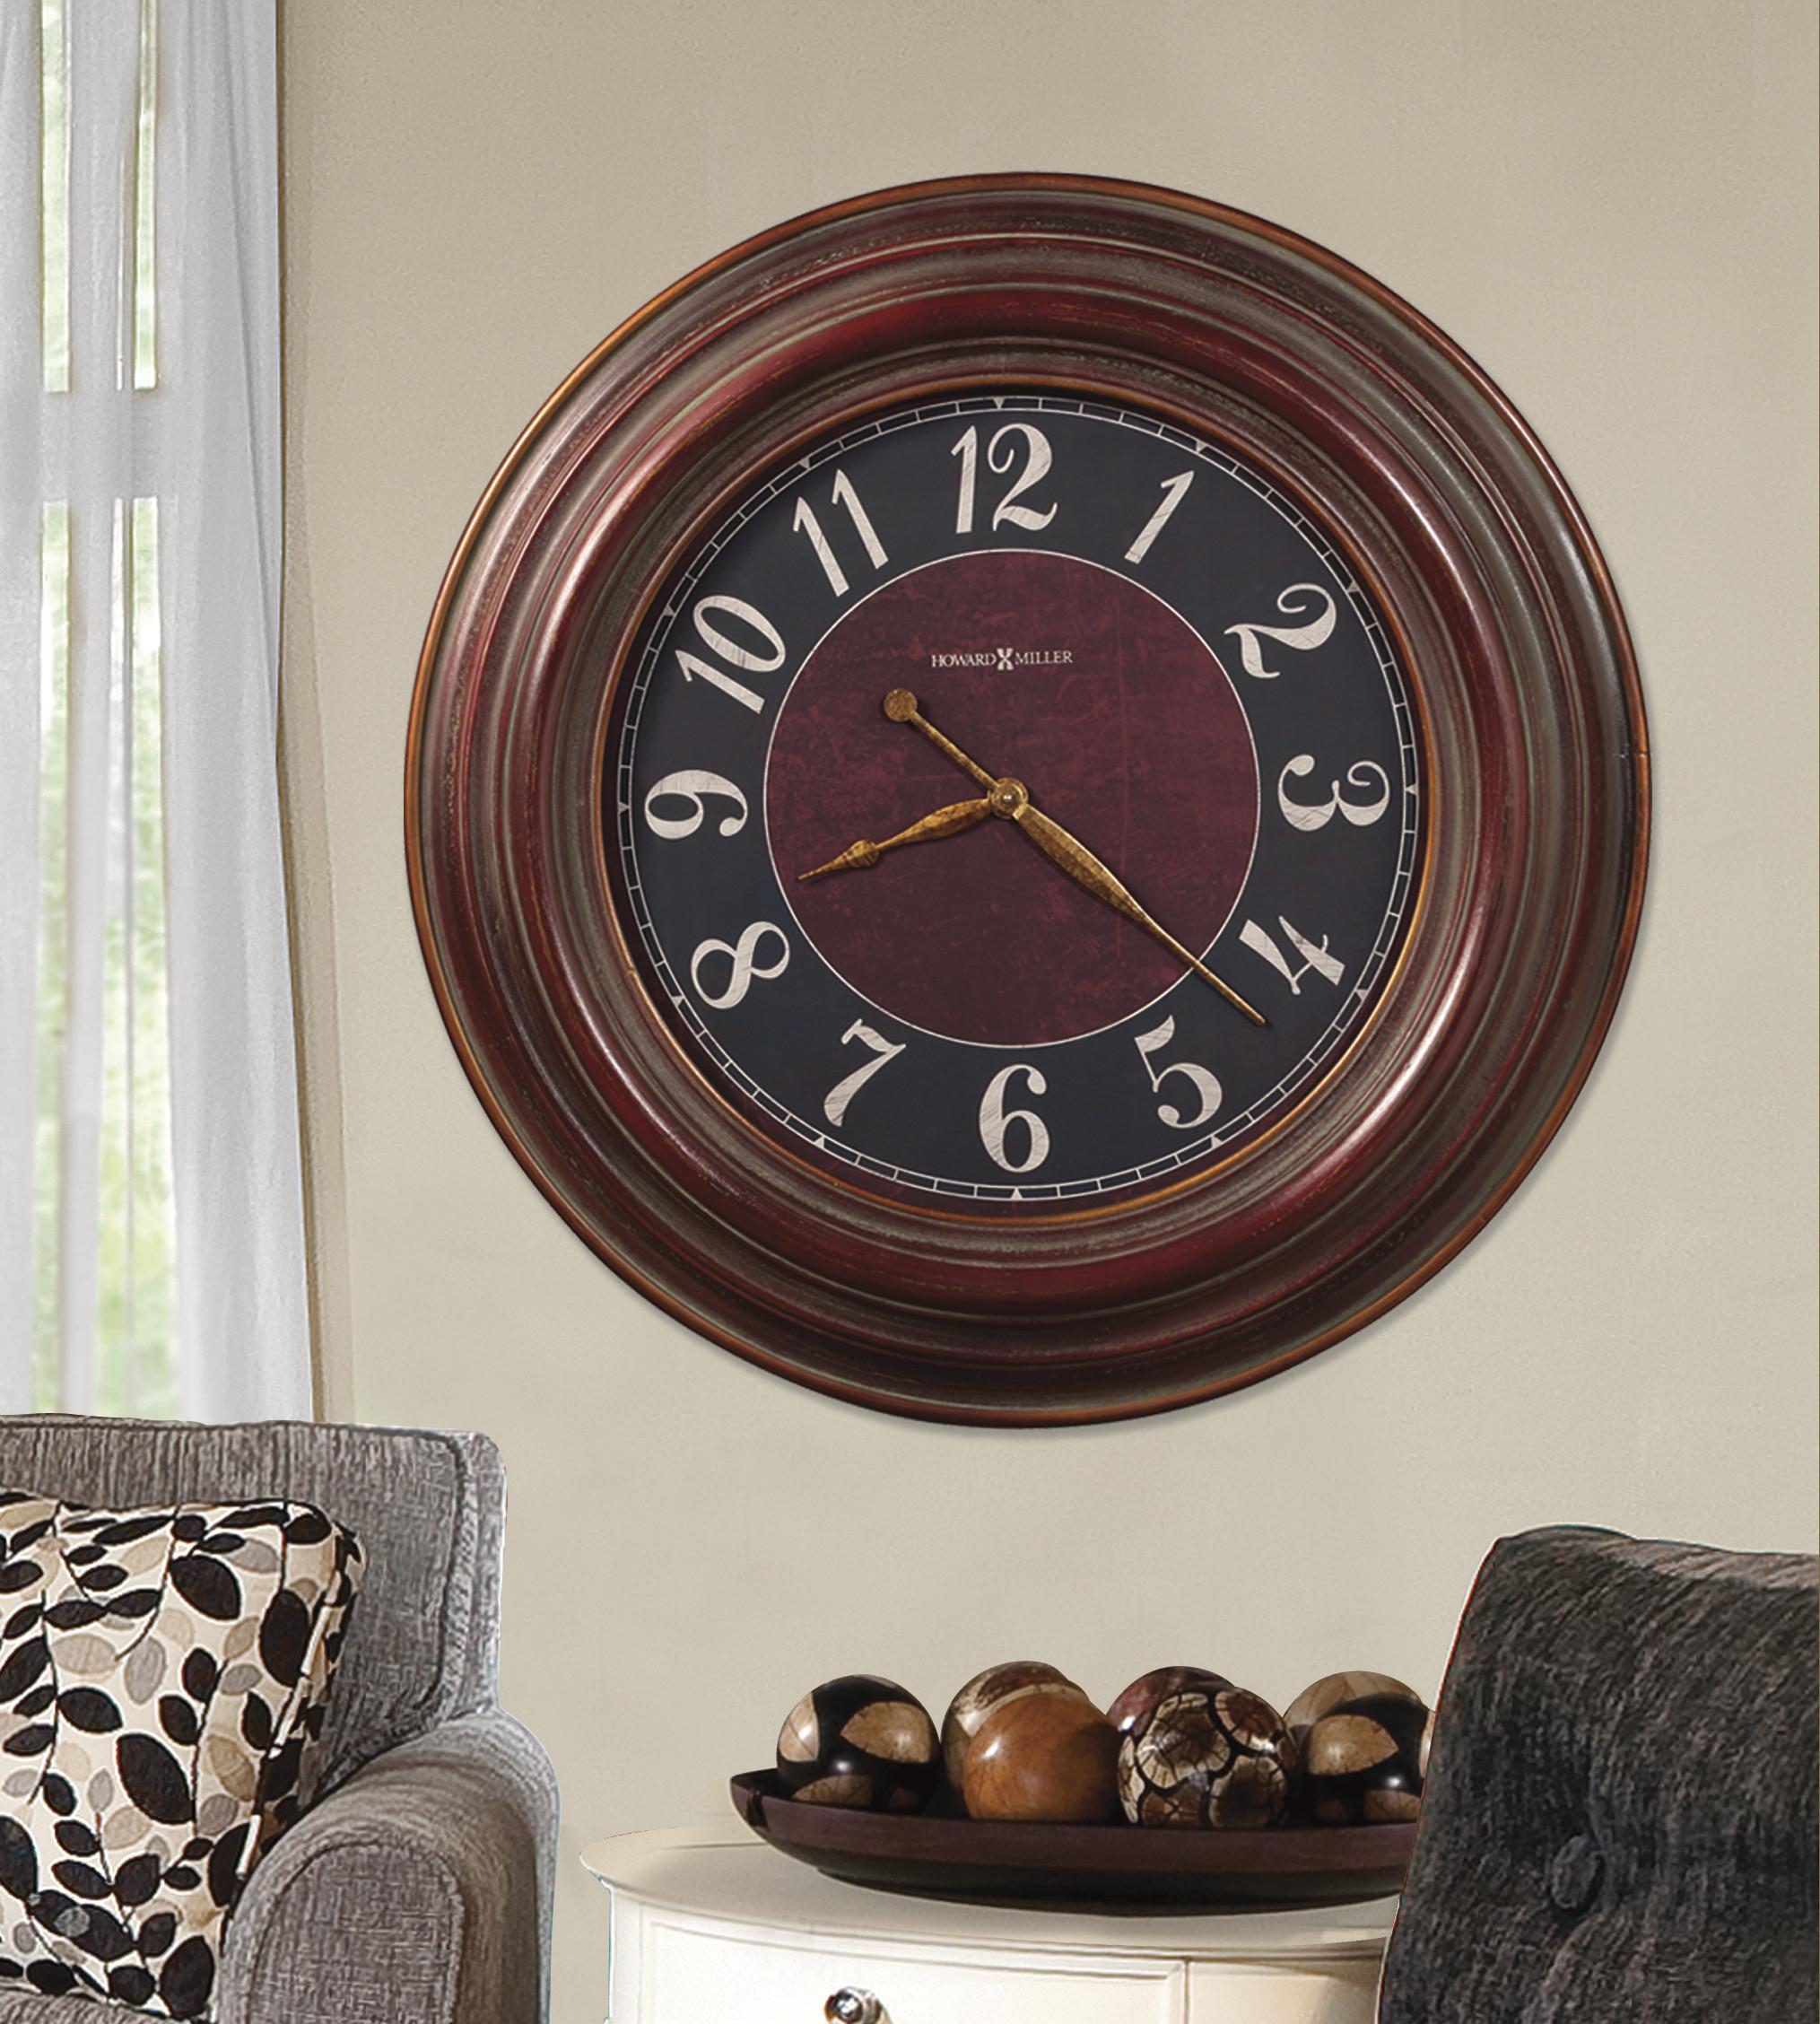 + брендов красивой и дизайнерской мебели.